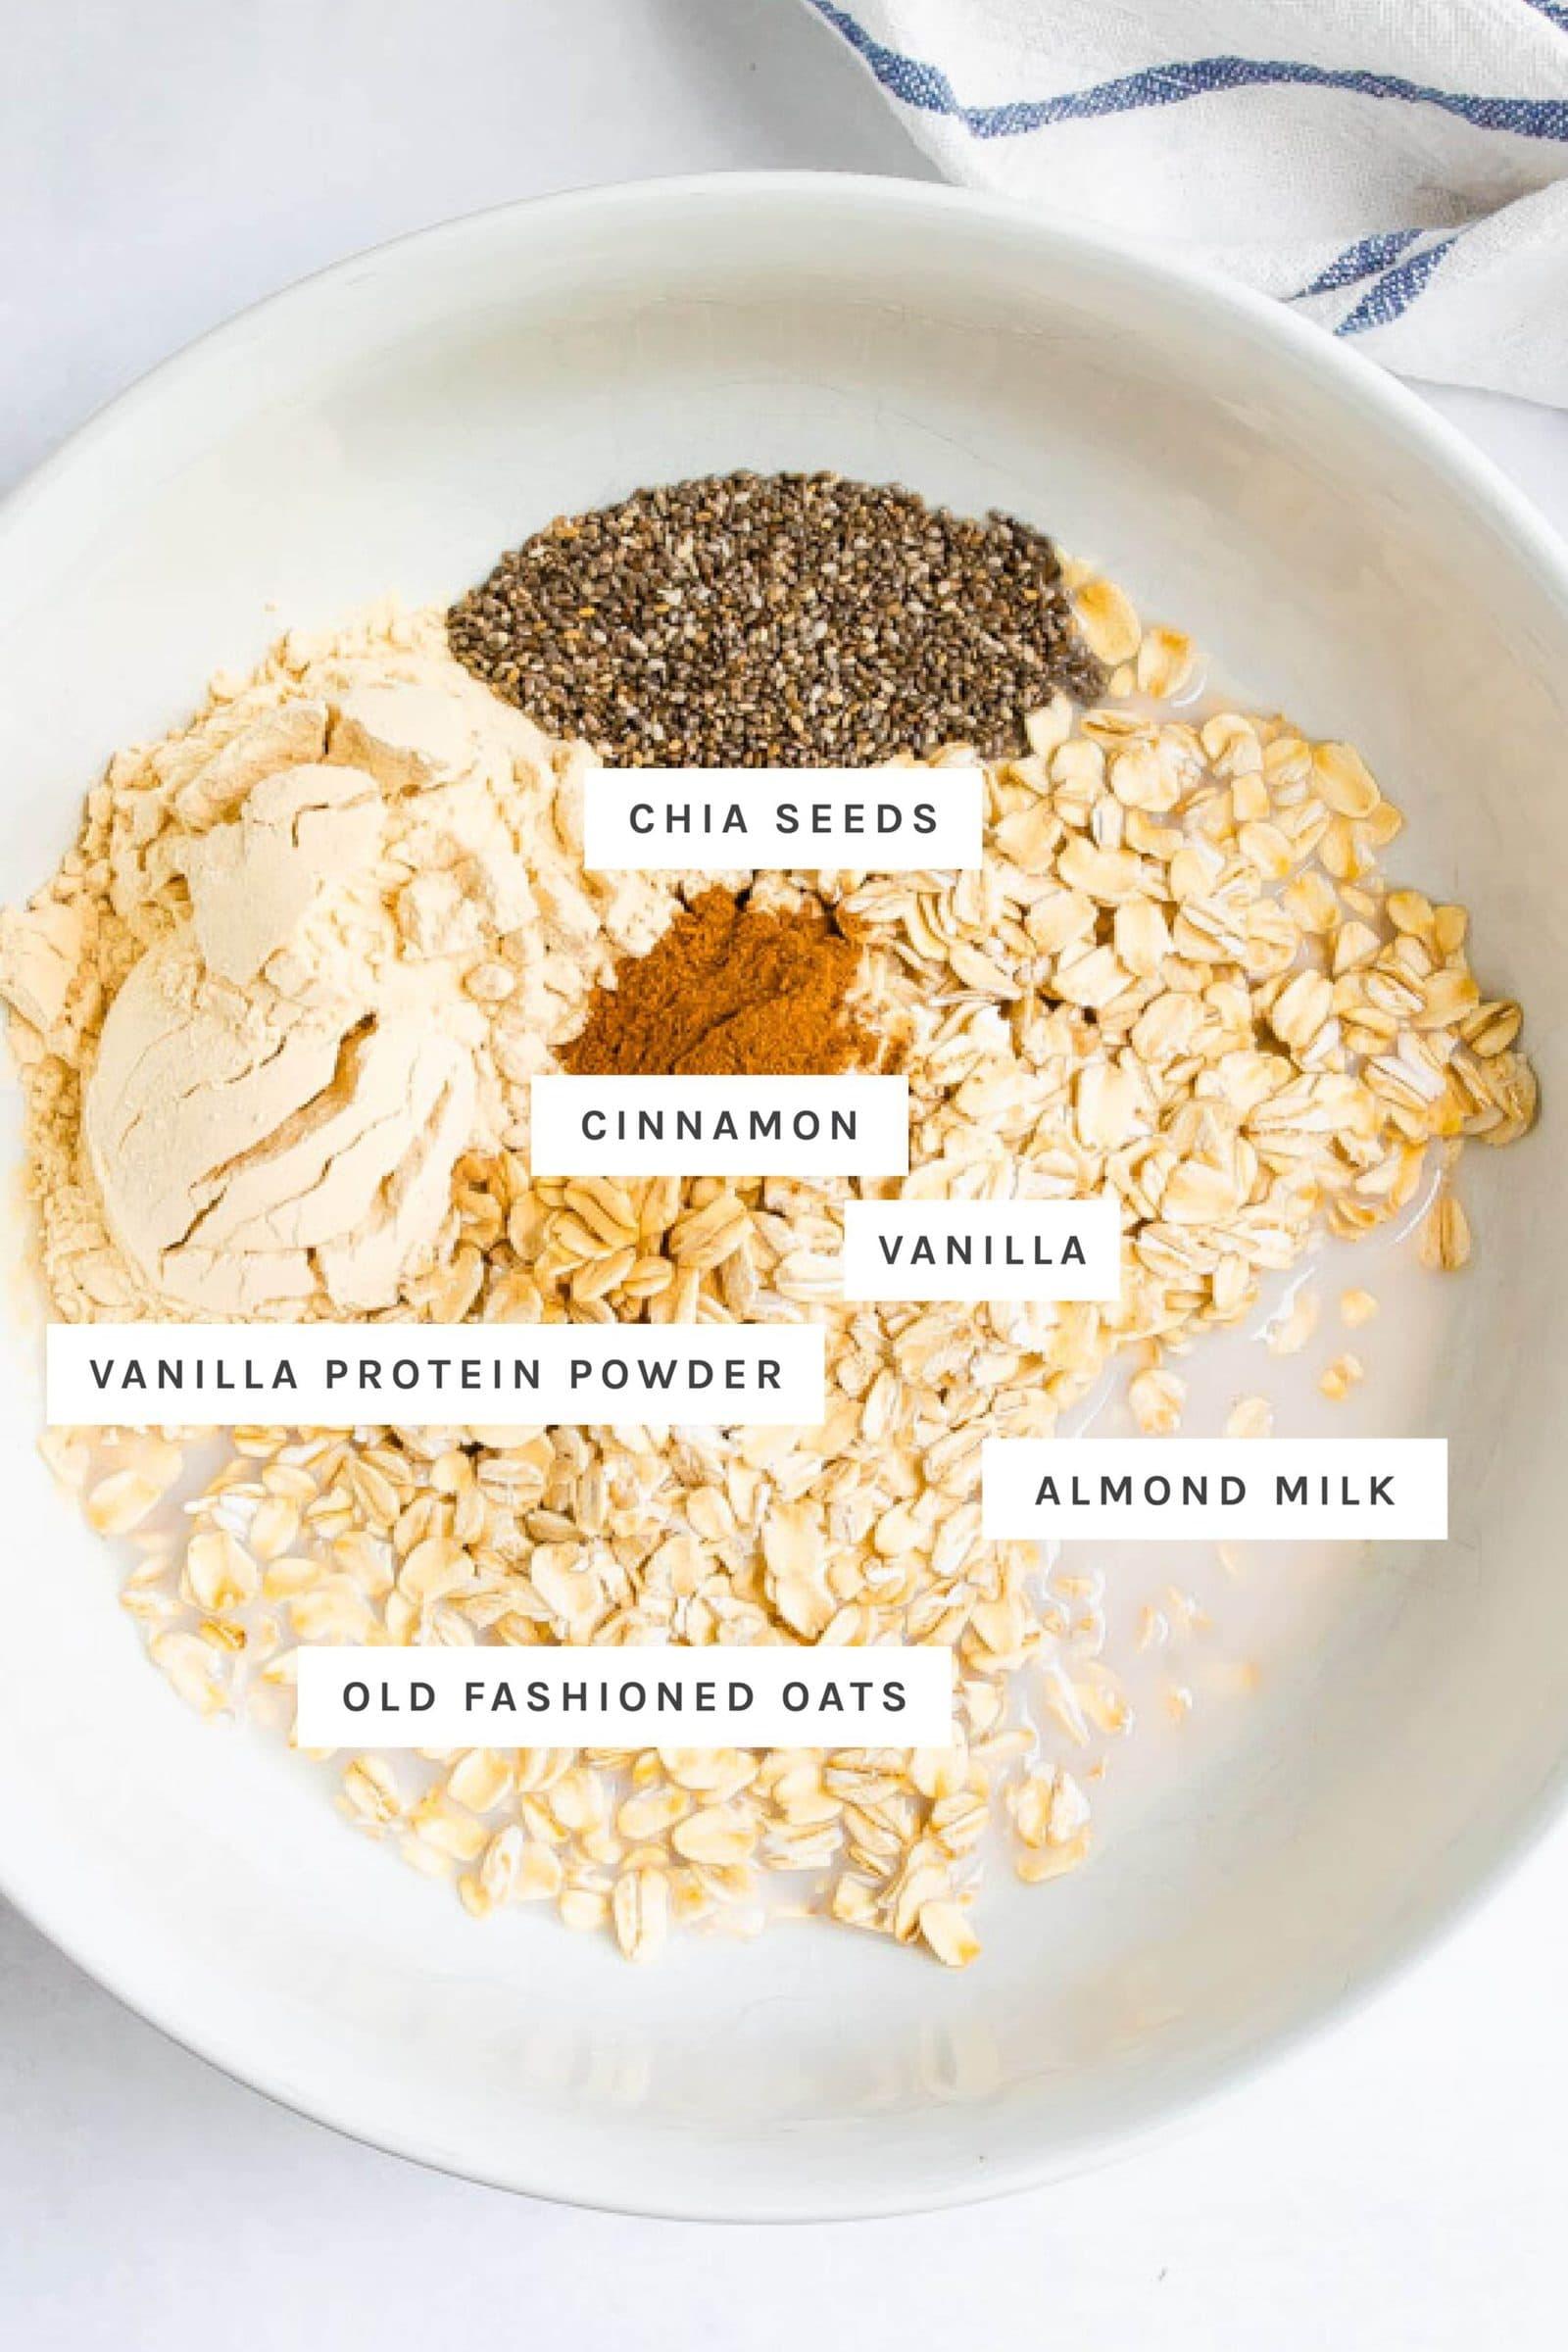 وعاء مع بذور الشيا والشوفان وحليب اللوز والقرفة والفانيليا ومسحوق البروتين.